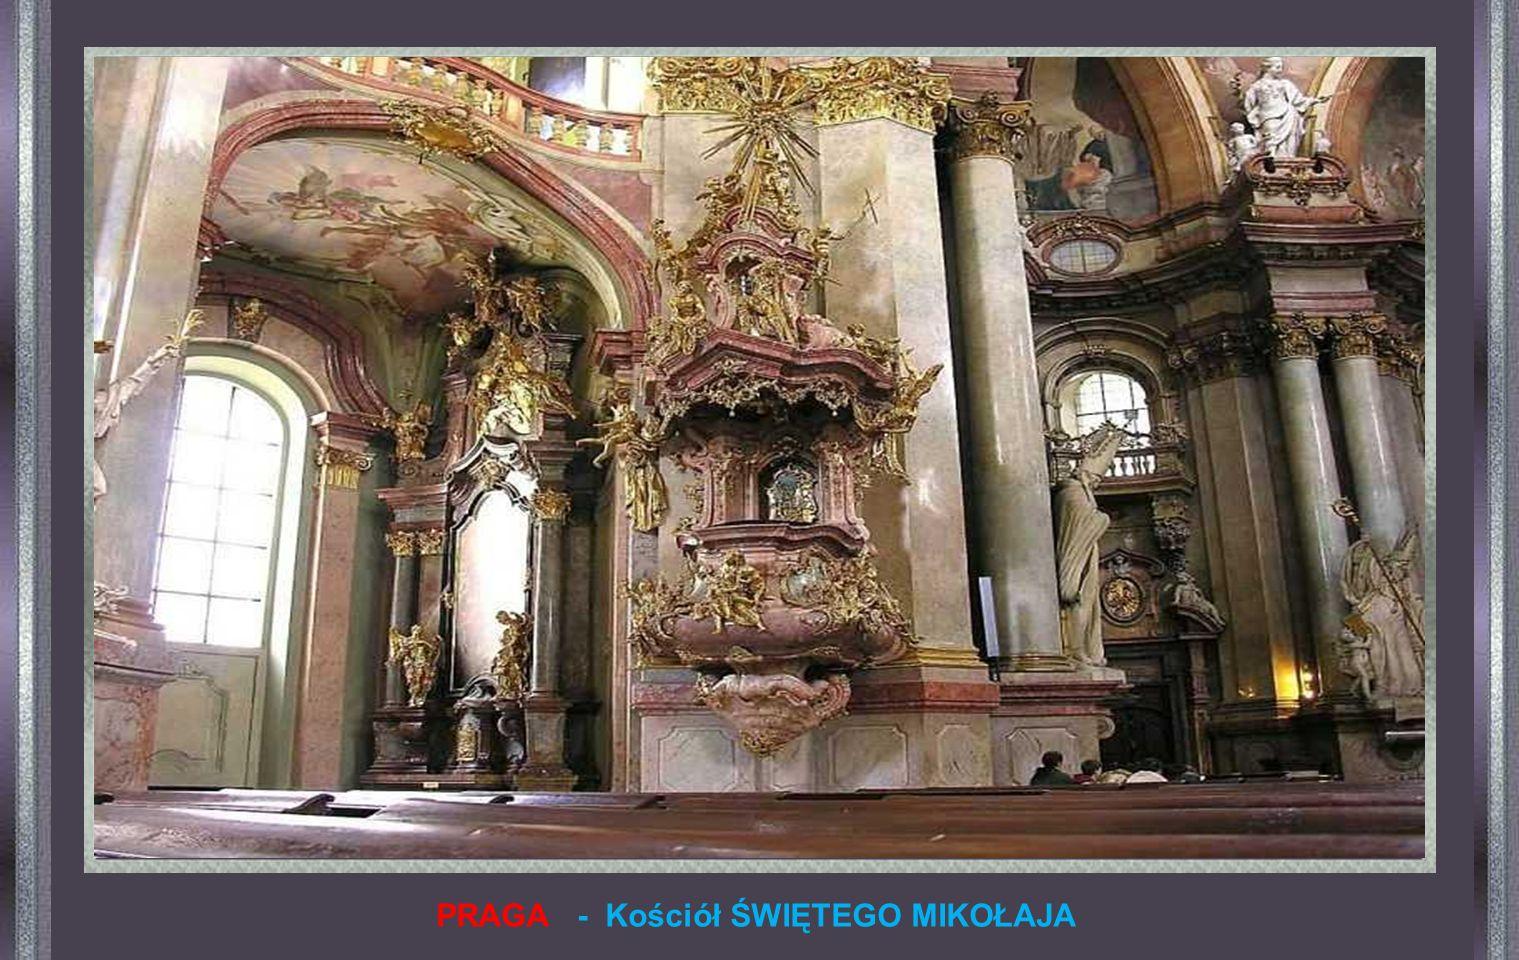 PRAGA - Kościół ŚWIĘTEGO MIKOŁAJA